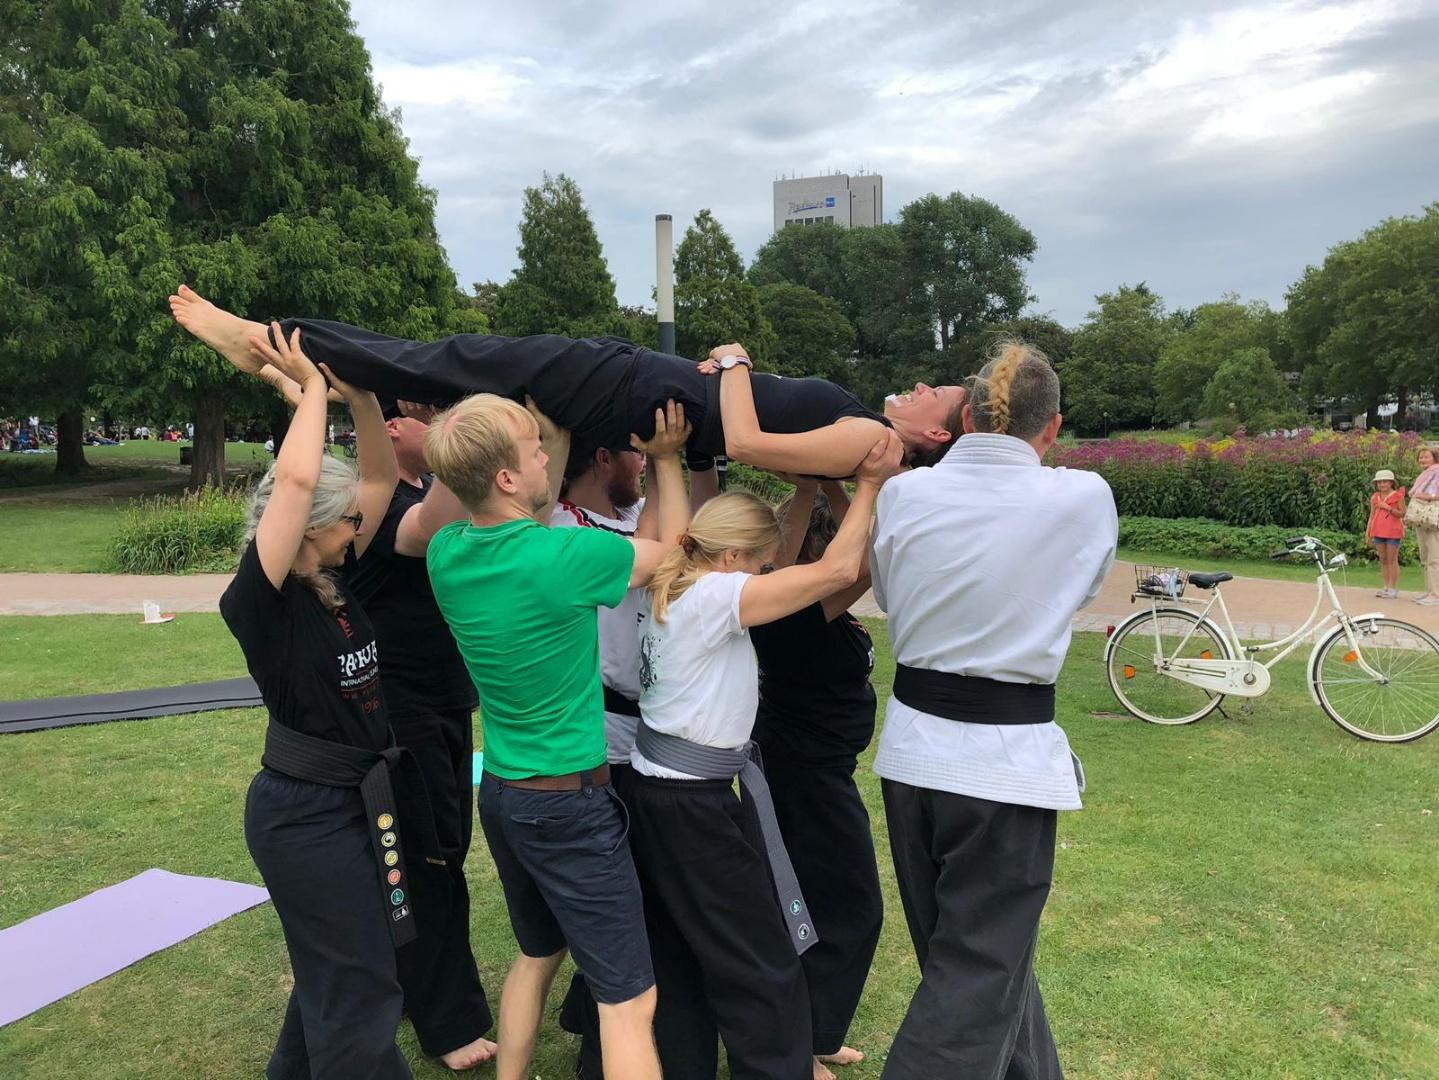 Akrobatik - Vertrauen schenken und sich tragen lassen